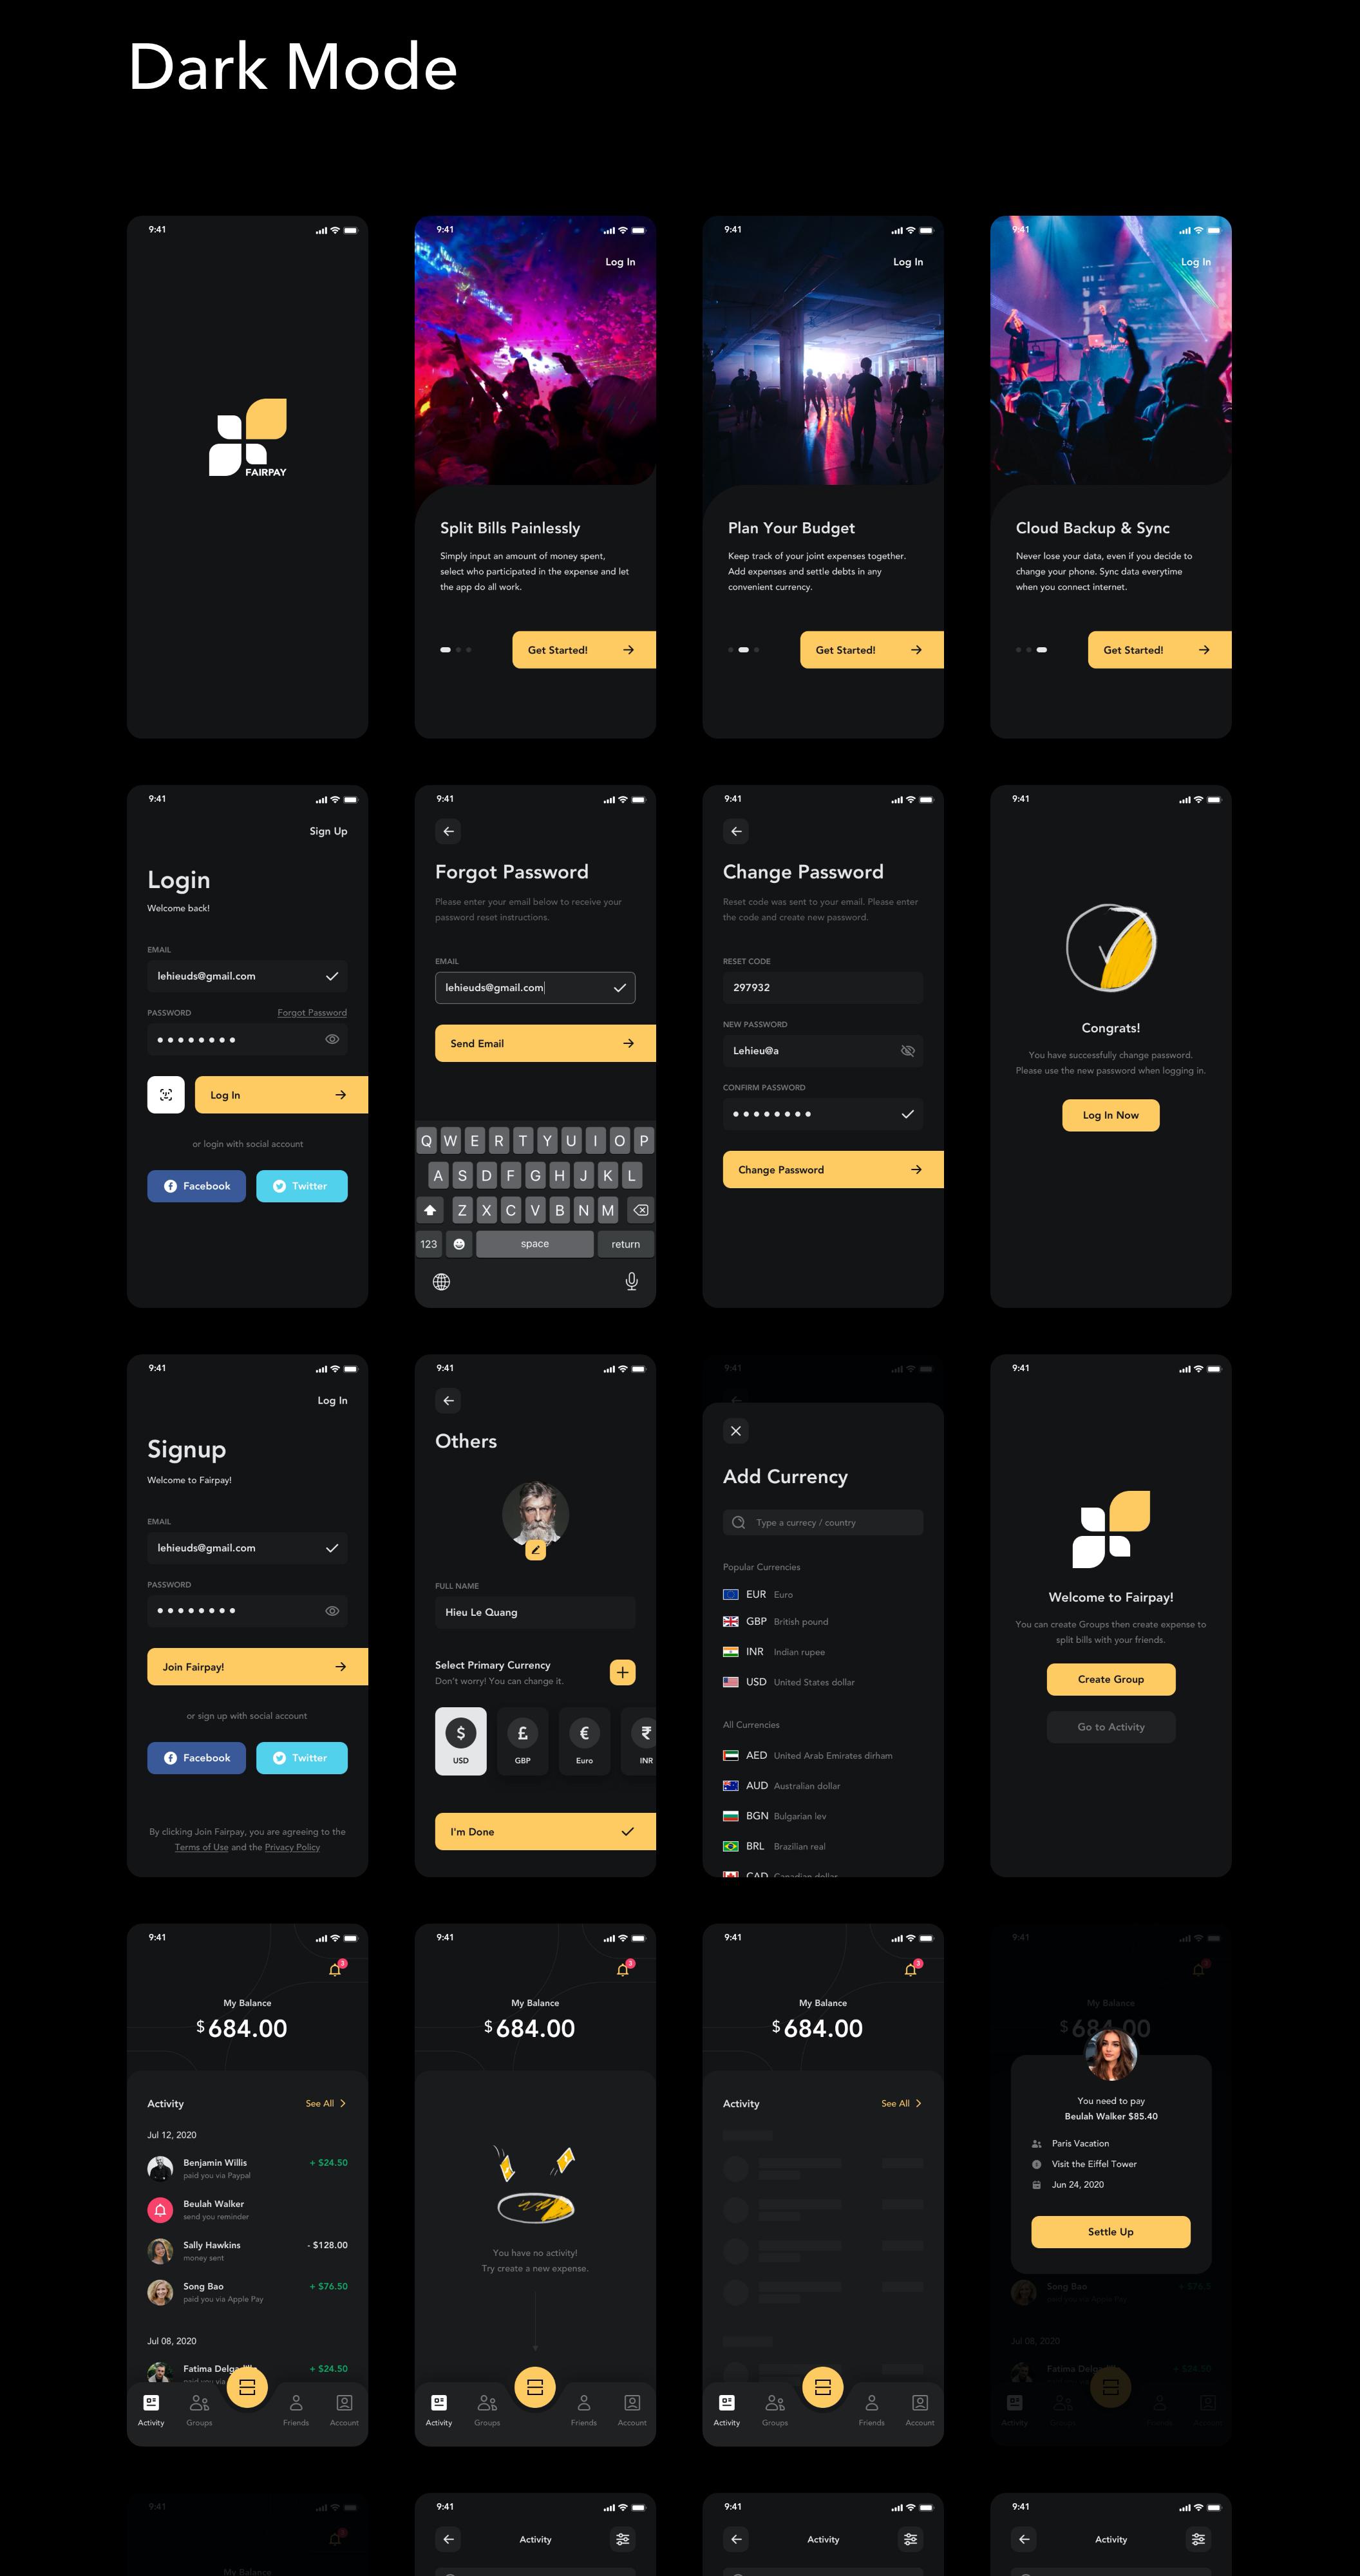 货币金融财务账单管理APP应用设计UI套件 Fairpay – Split Bill App UI Kit插图(11)